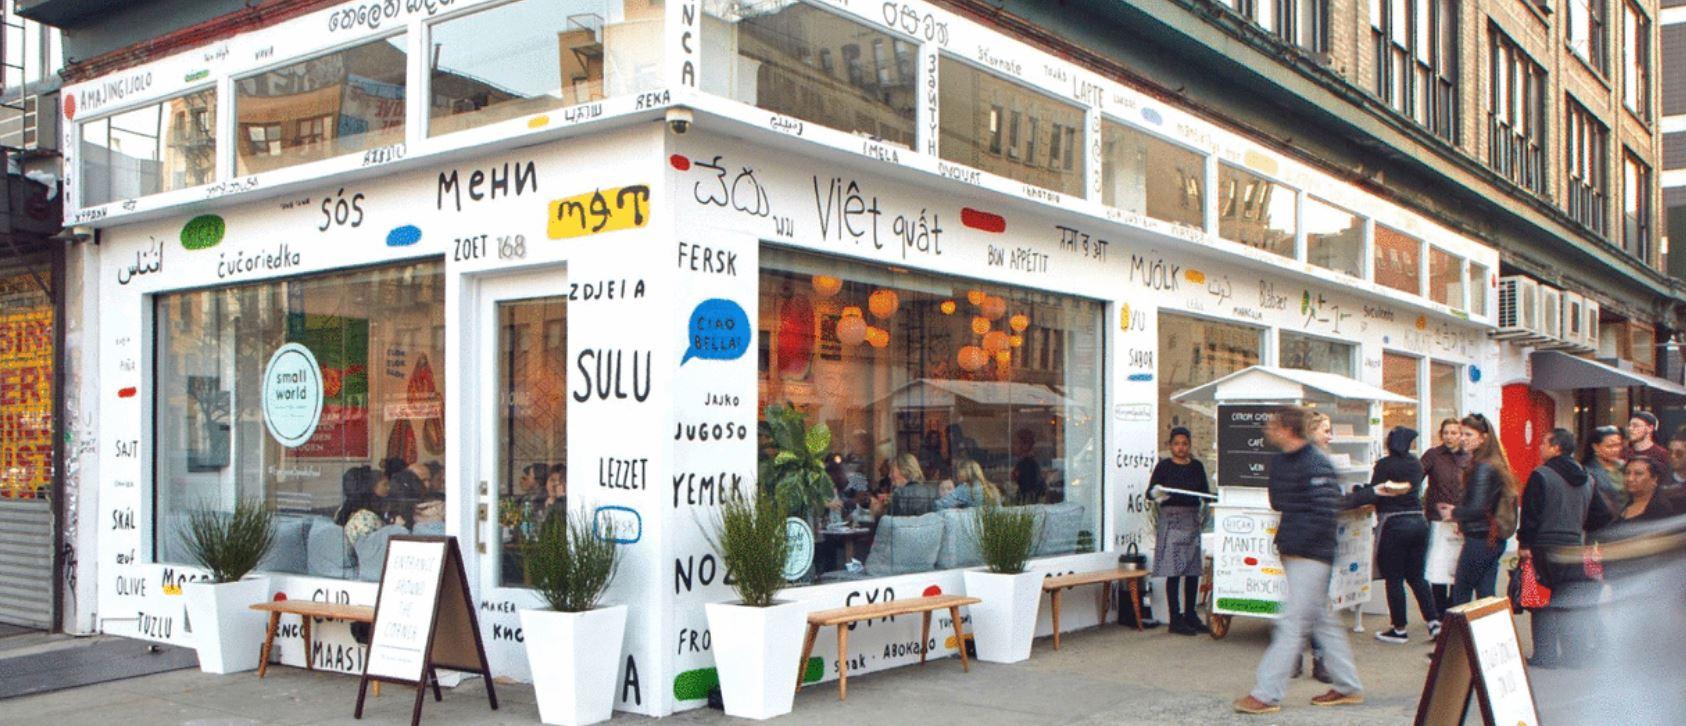 Google Translate'den Eğlenceli Restoran: Herkes Yemek Dilinden Konuşabilir!